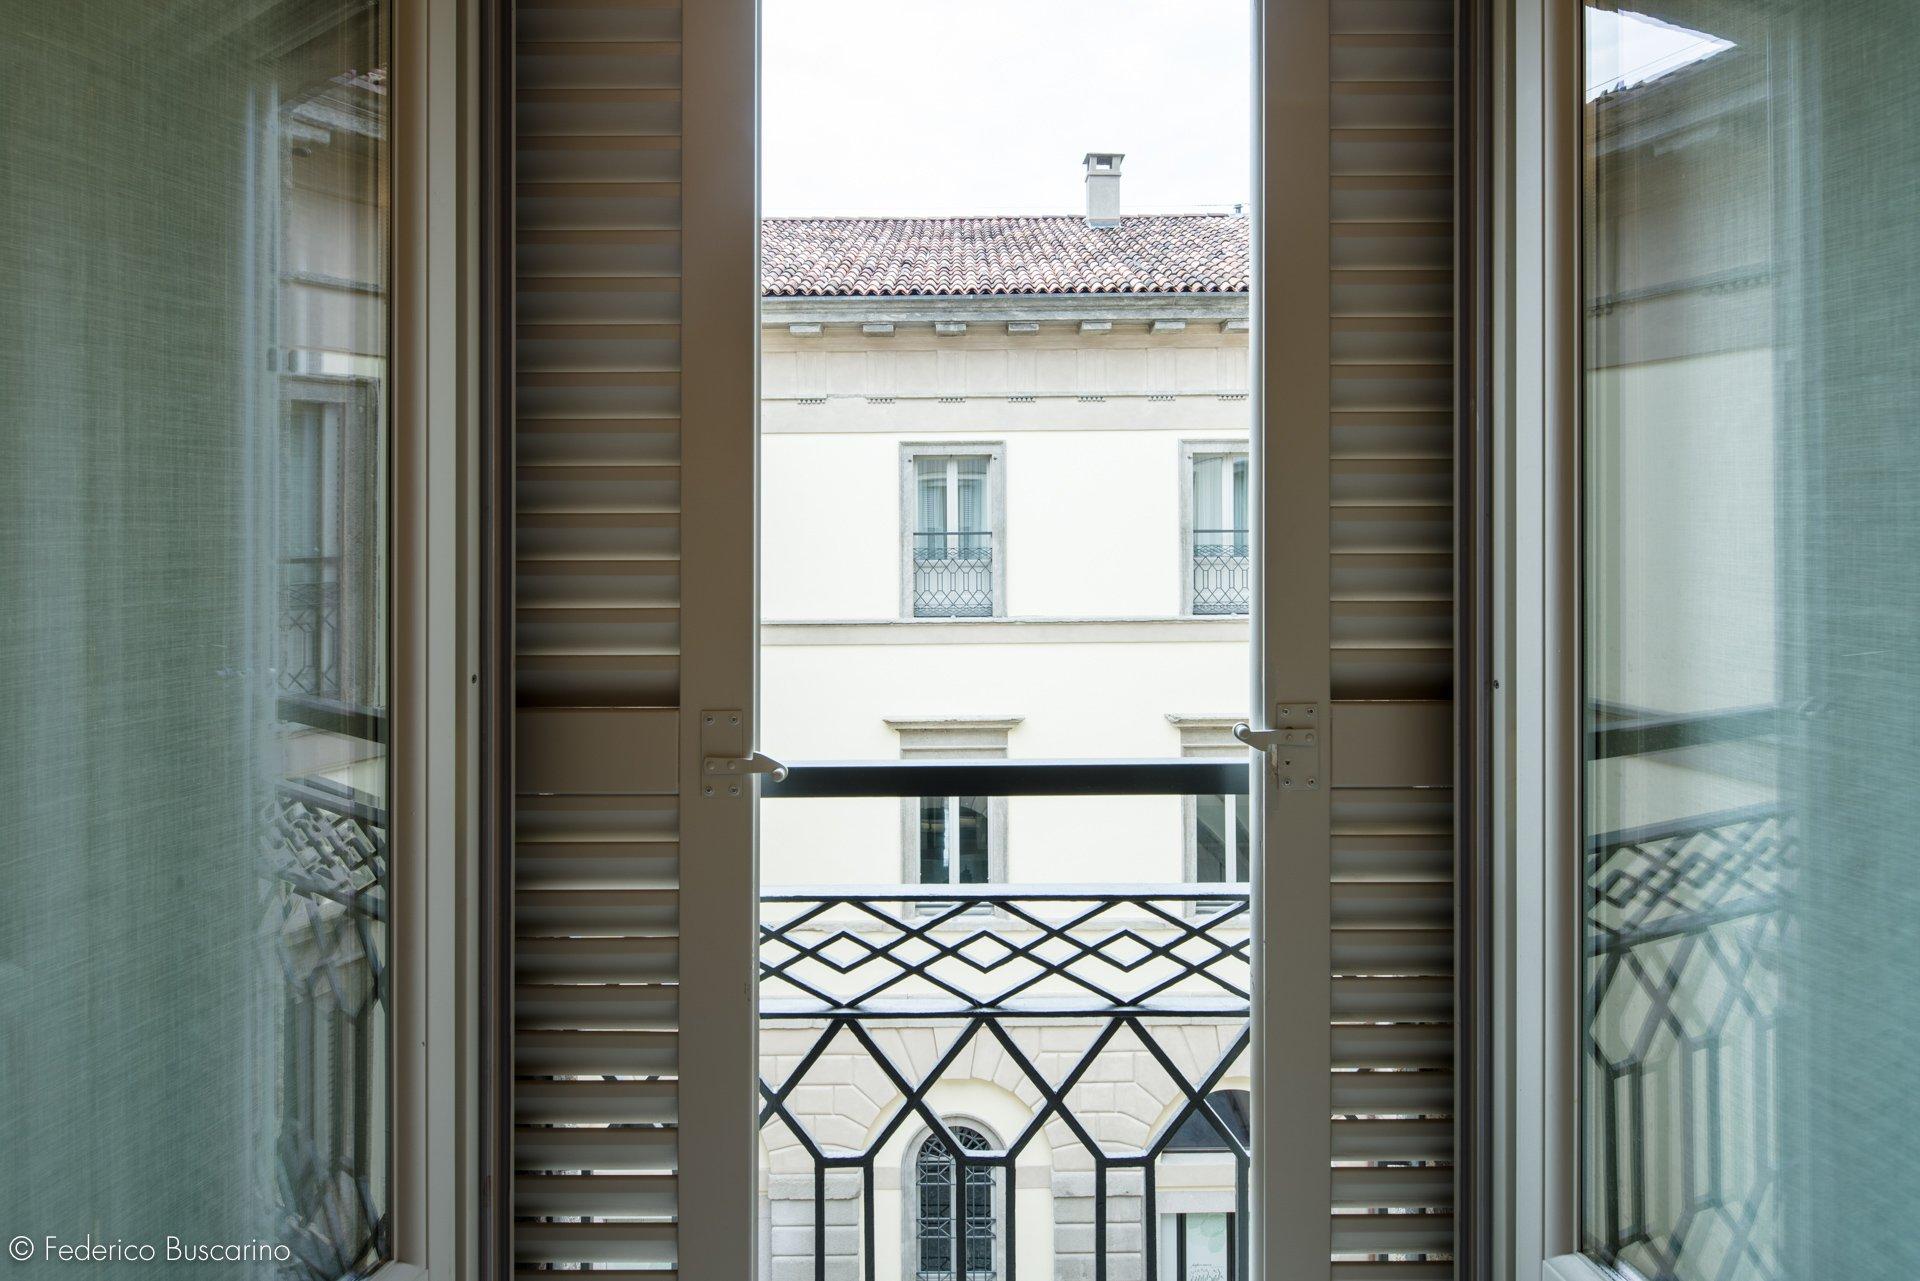 finestra e balconi aperti